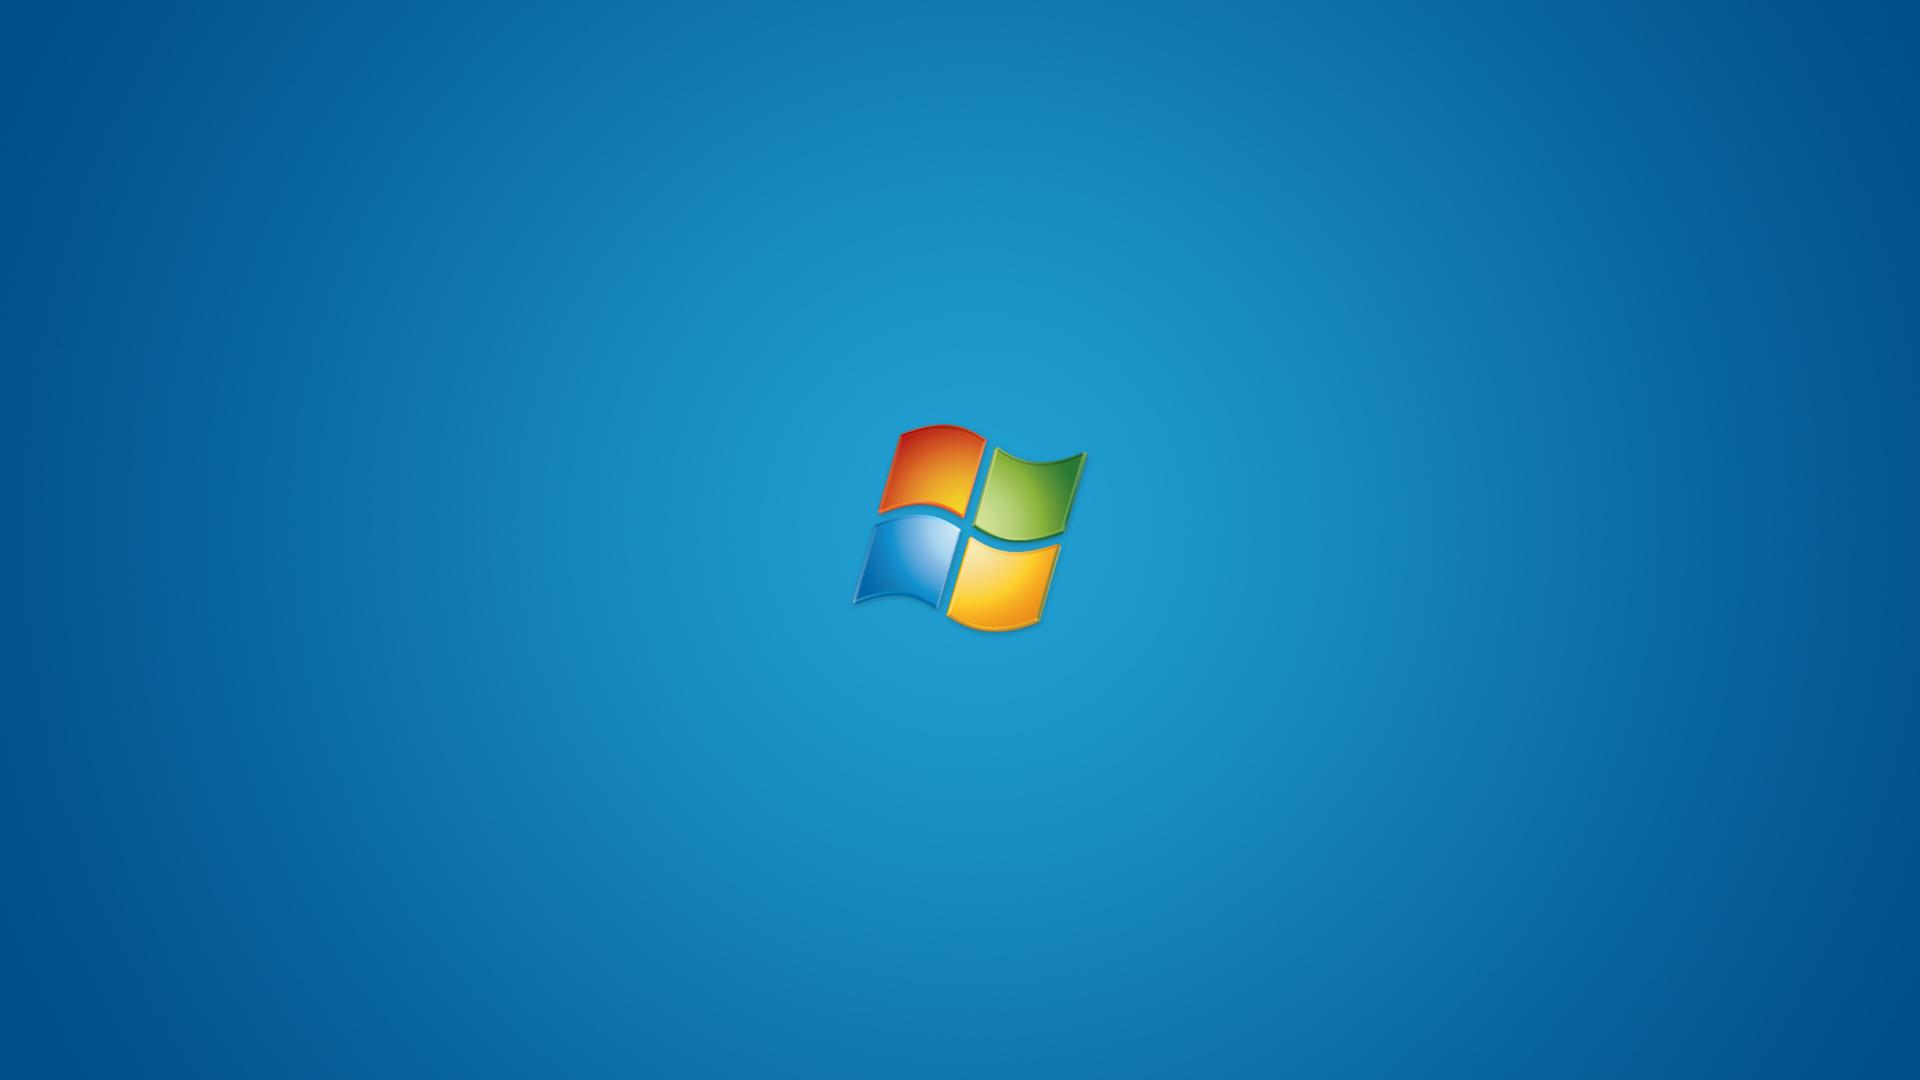 Microsoft Desktop Wallpaper HD 1920x1080